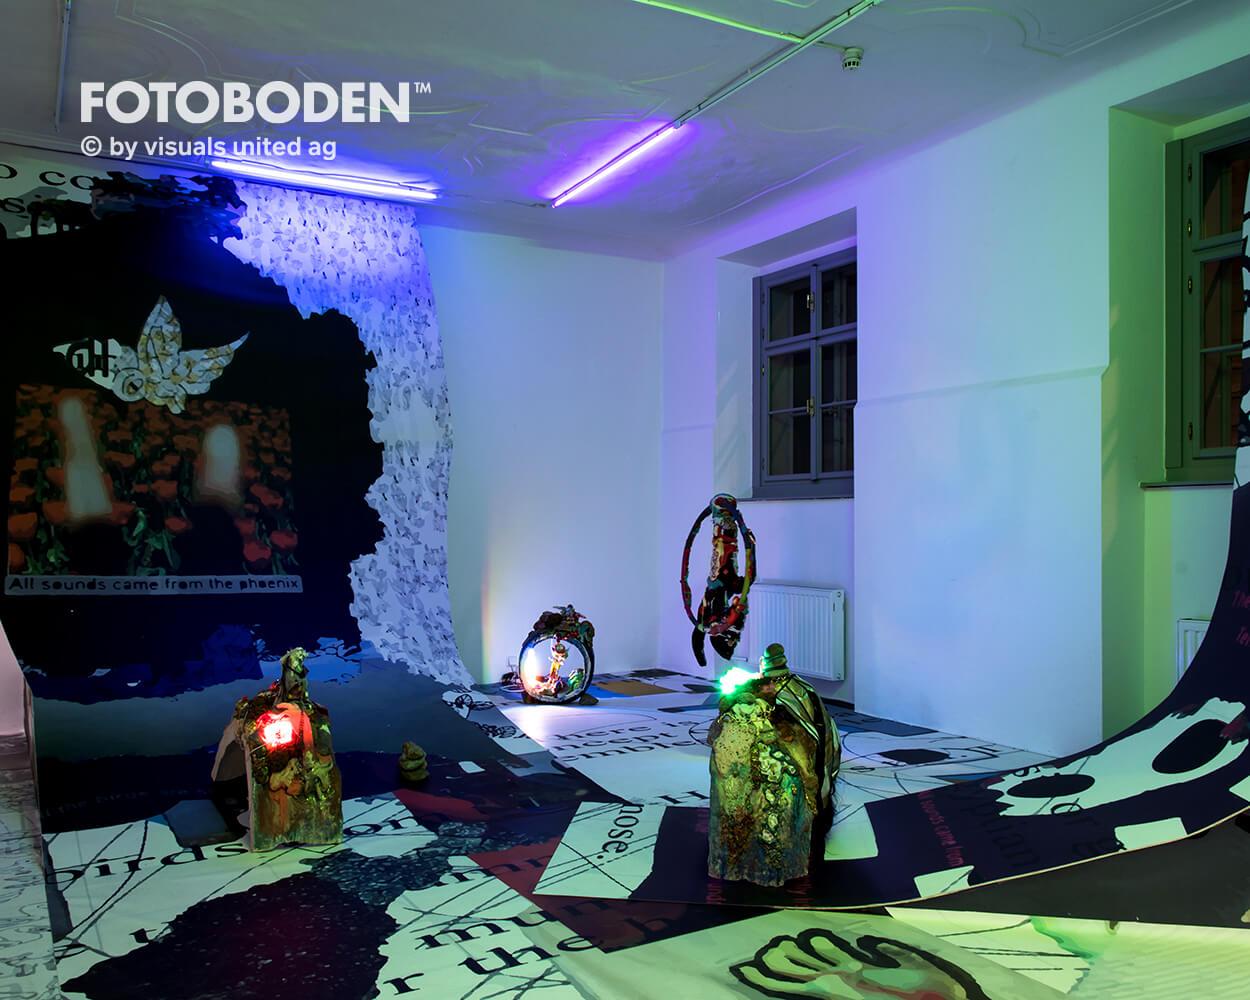 Ausstellung Museum Raumkonzept FOTOBODEN™ Vinylboden